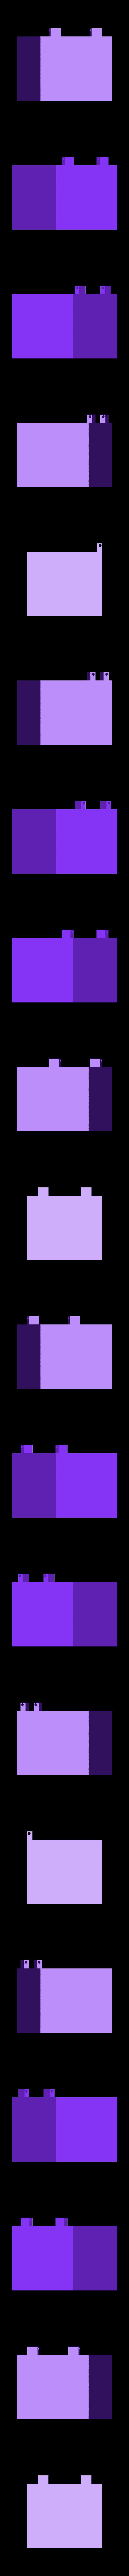 Box.stl Télécharger fichier STL gratuit Mulholland Drive Box • Modèle à imprimer en 3D, SunShine